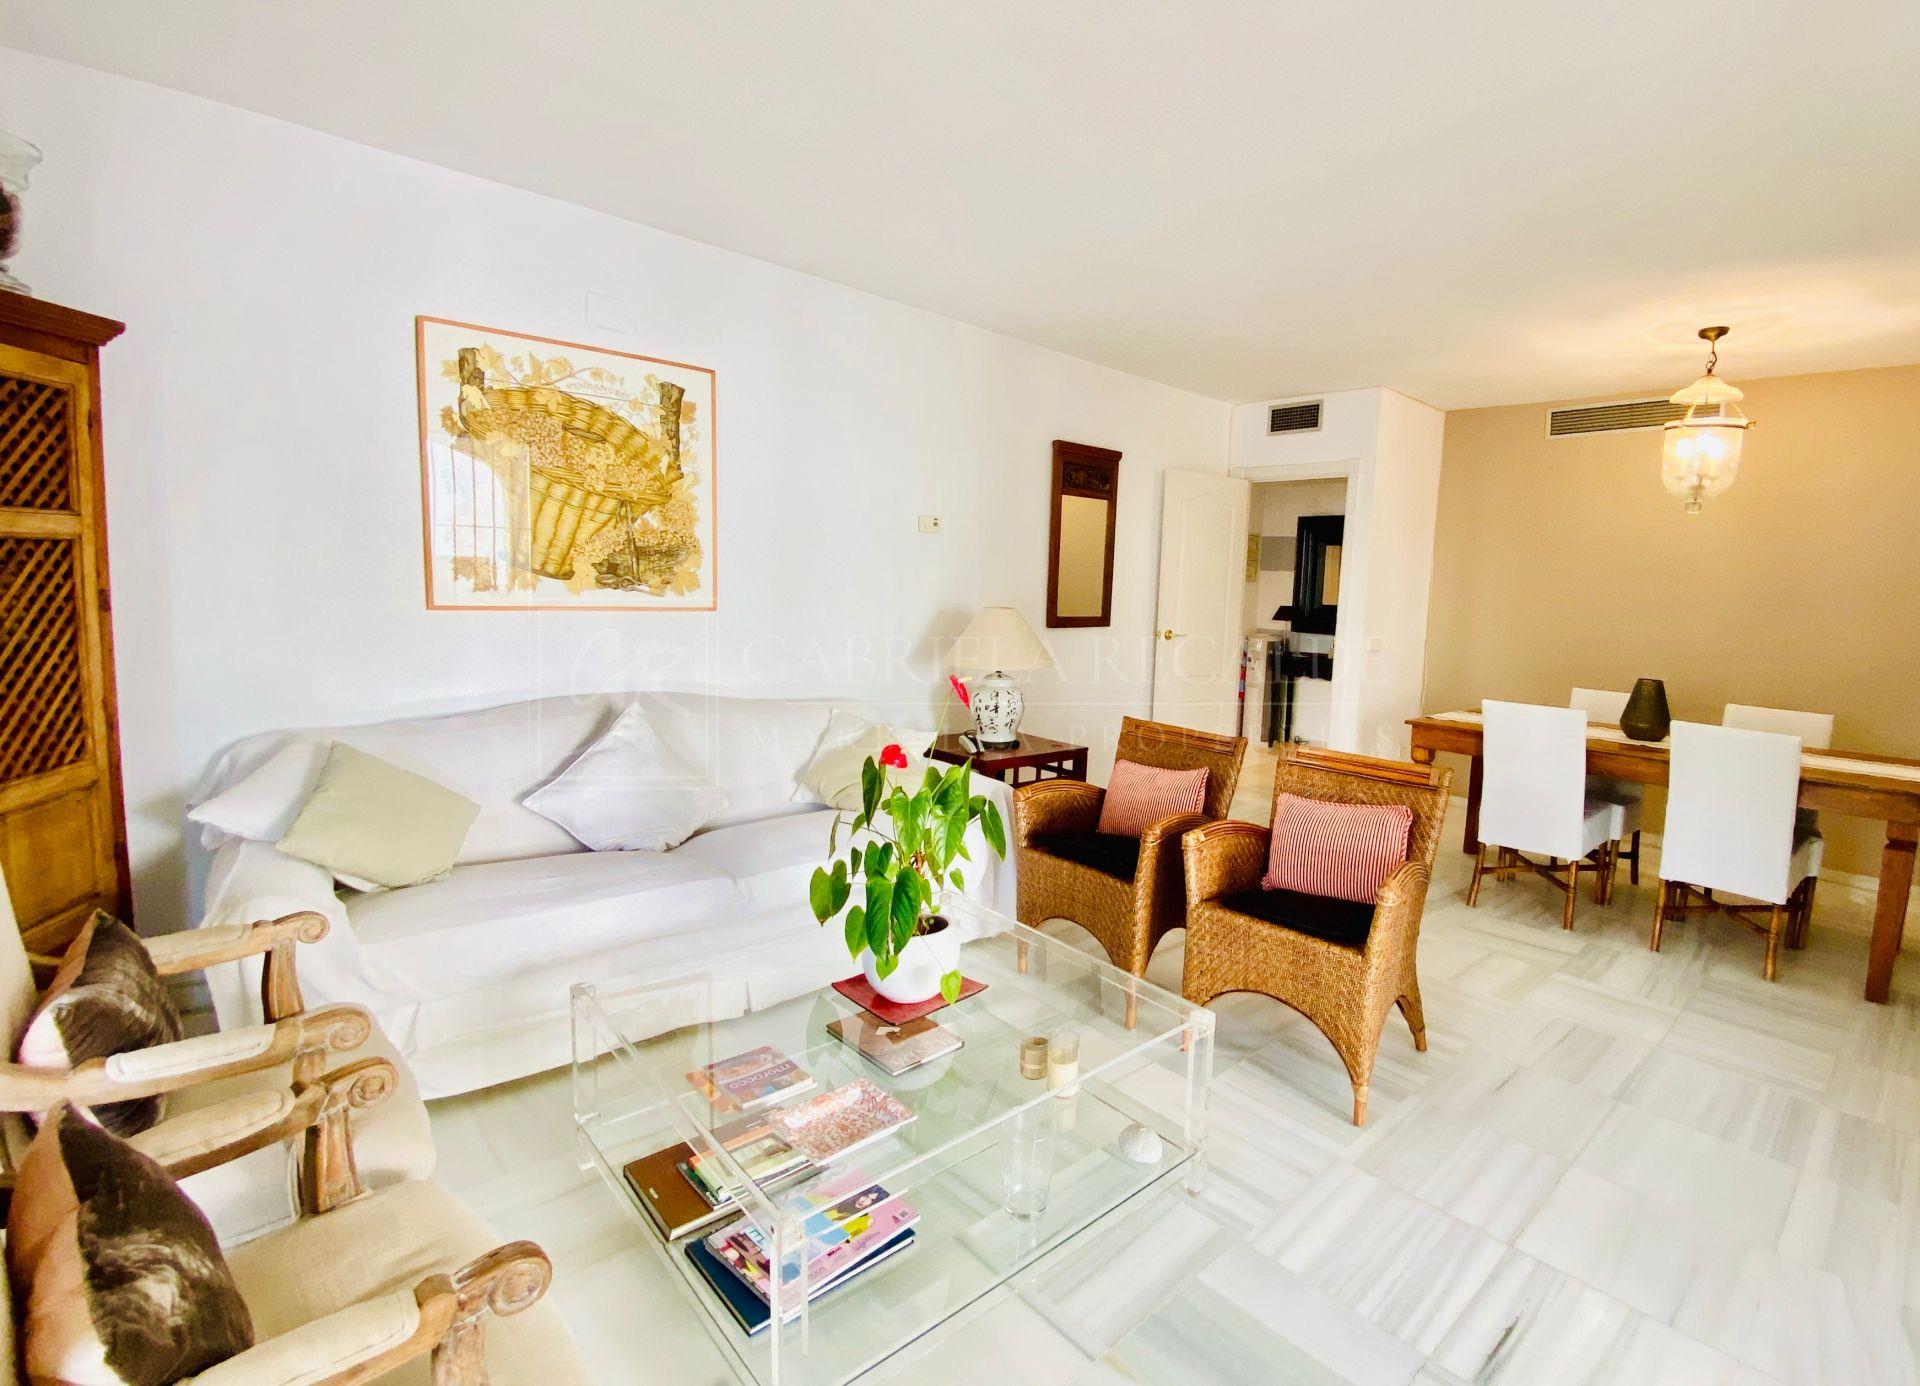 Luminosa y encantadora casa adosada de 3 dormitorios en Los Naranjos de Marbella